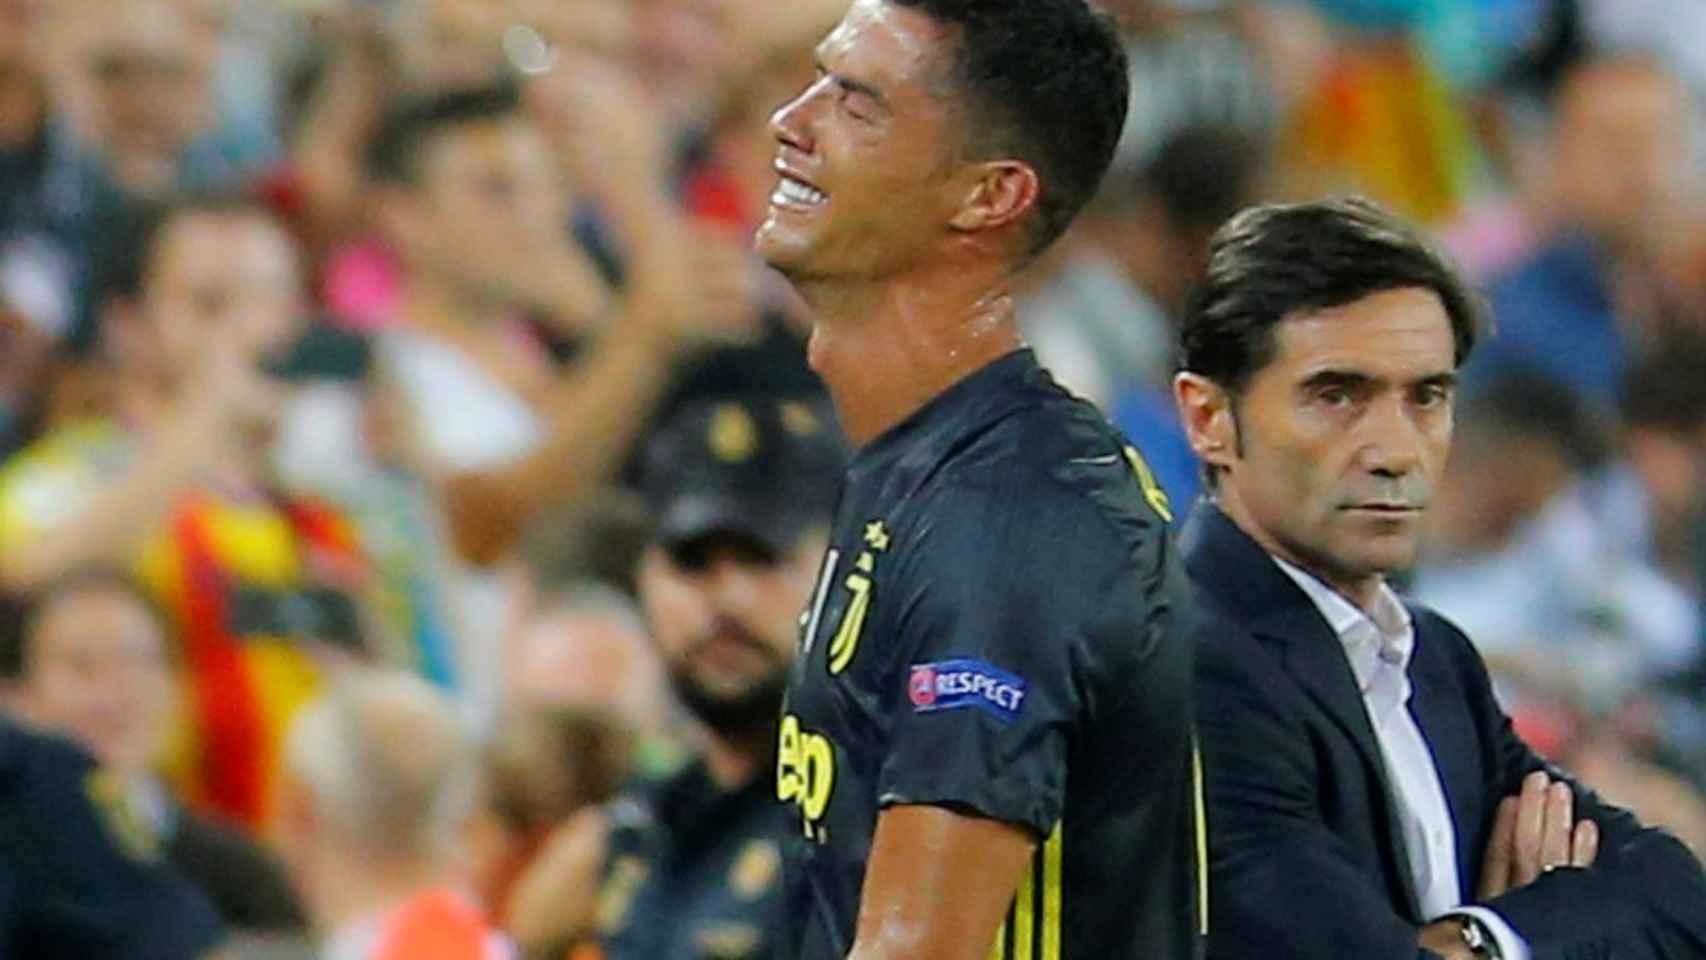 Cristiano se marcha llorando tras ser expulsado contra el Valencia